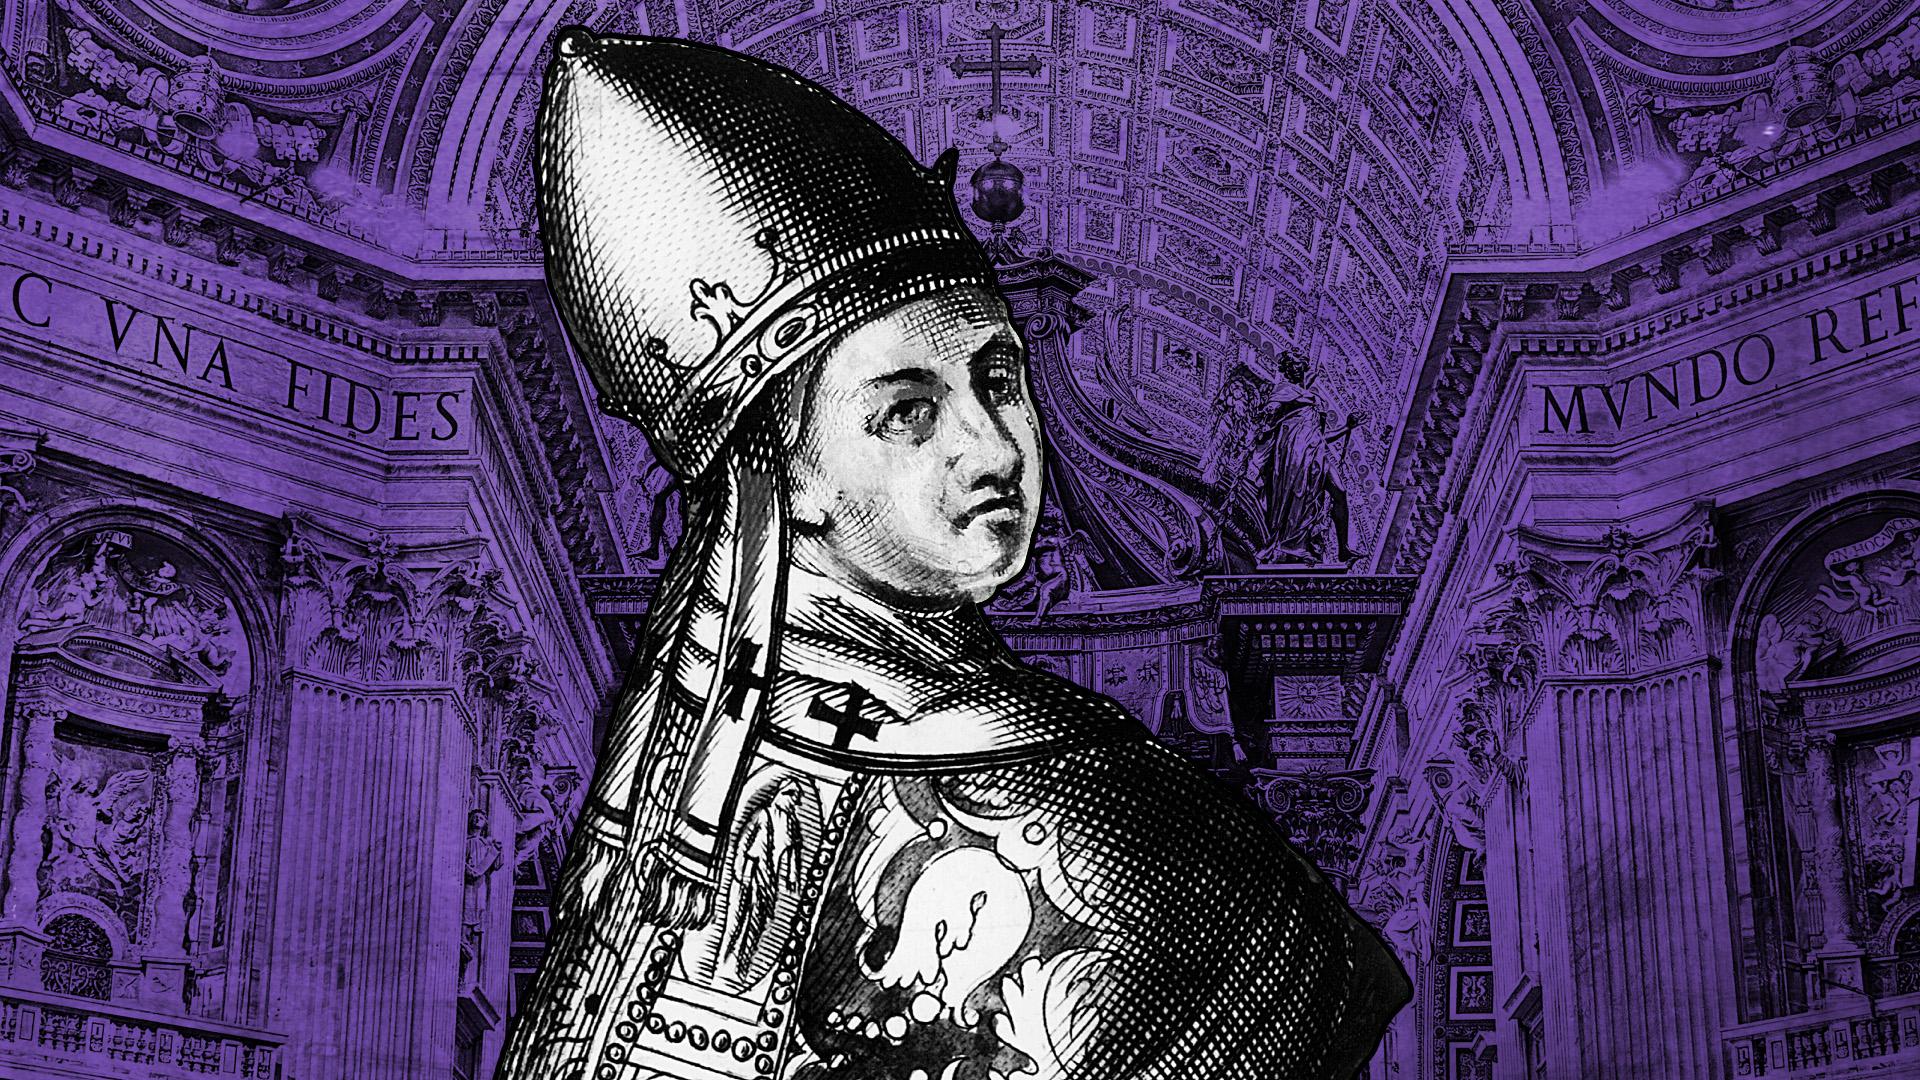 Szodomita pápa volt IX. Benedek